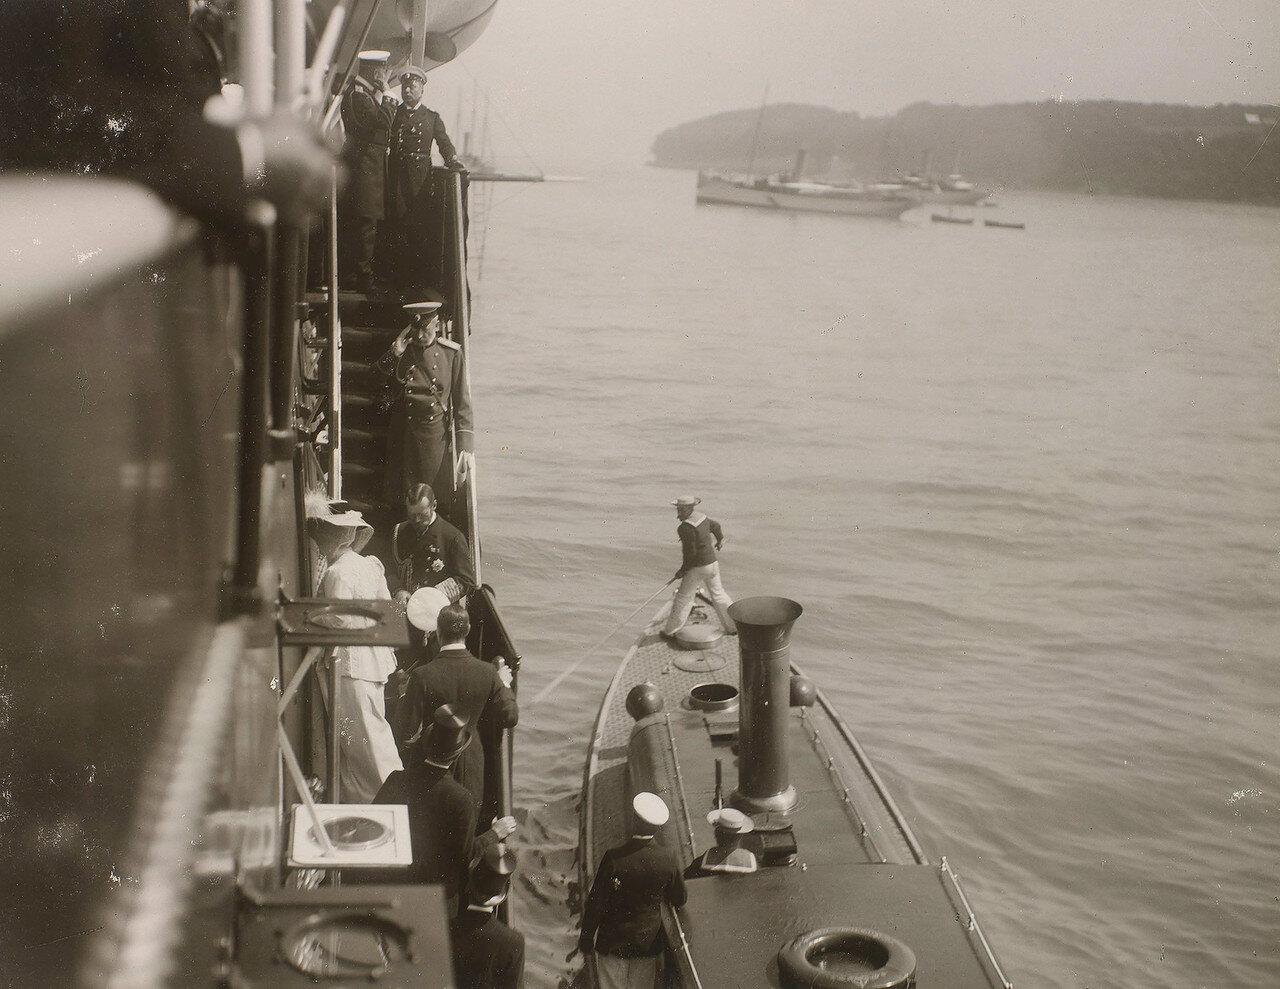 03.Николай II встречает членов британской королевской семьи, поднимающихся на борт Императорской яхты «Штандарт»